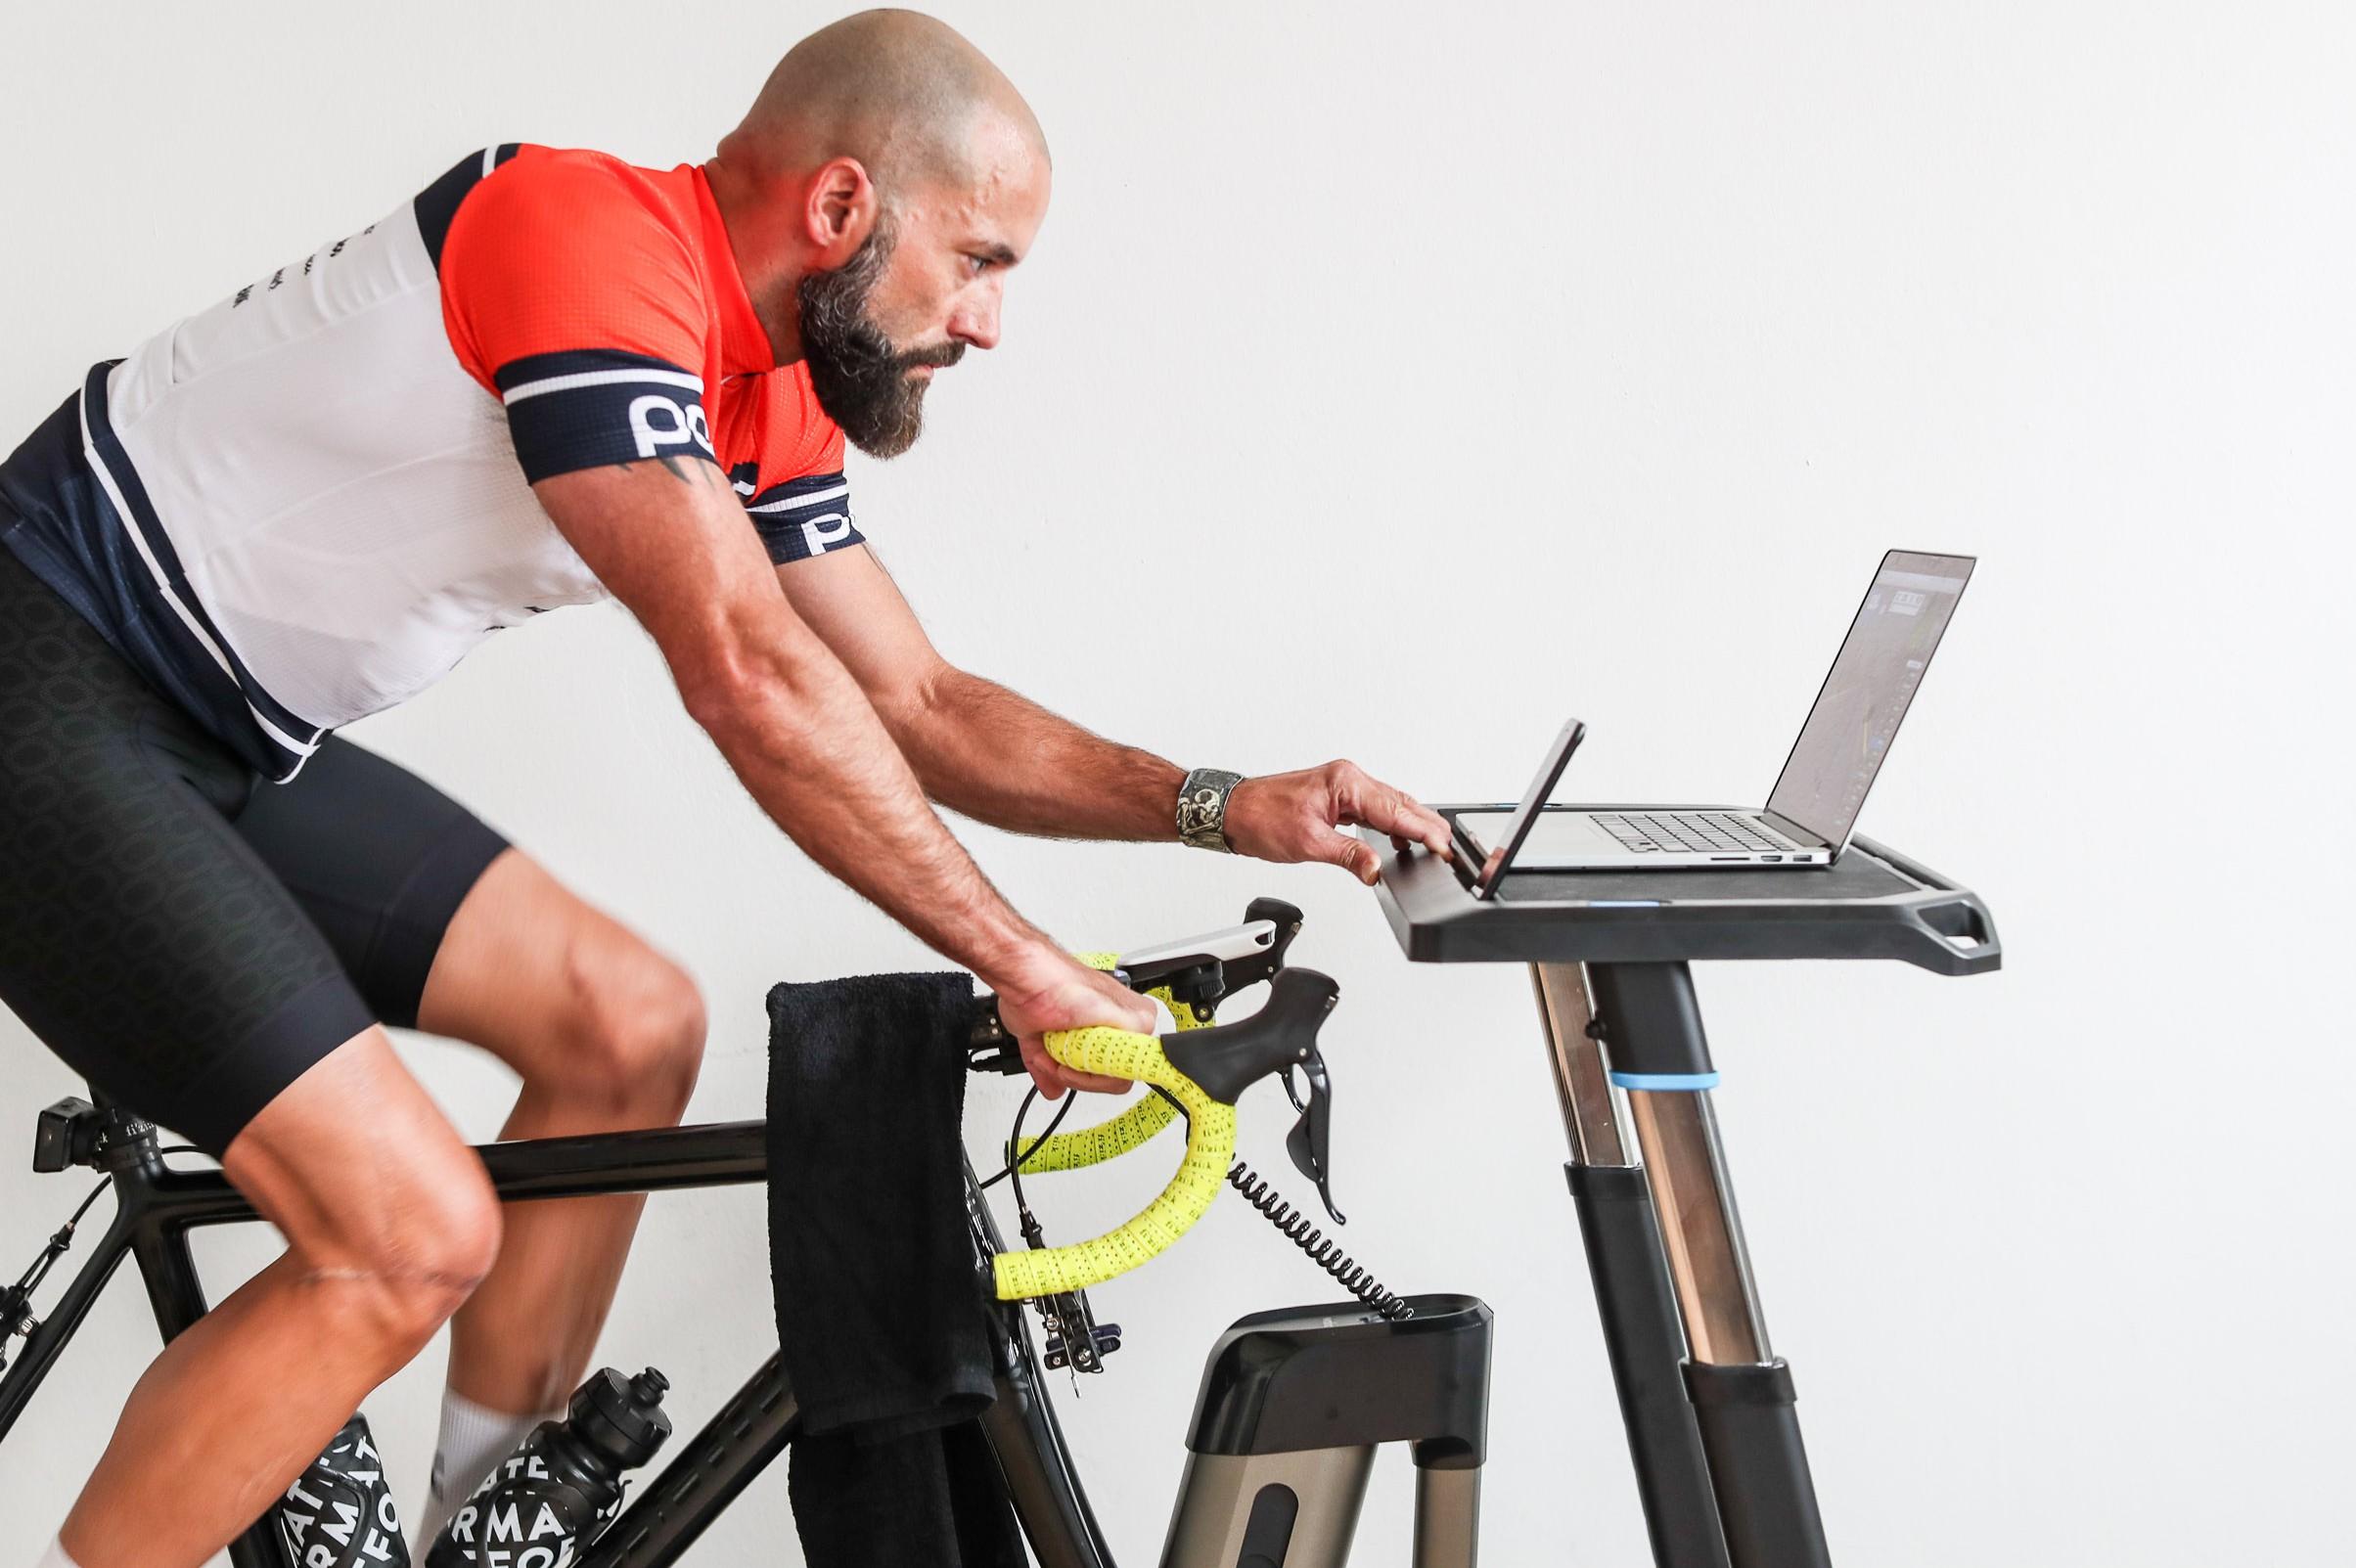 #6 So können Tisch und Ventilator während des Trainings einfach bewegt werden.